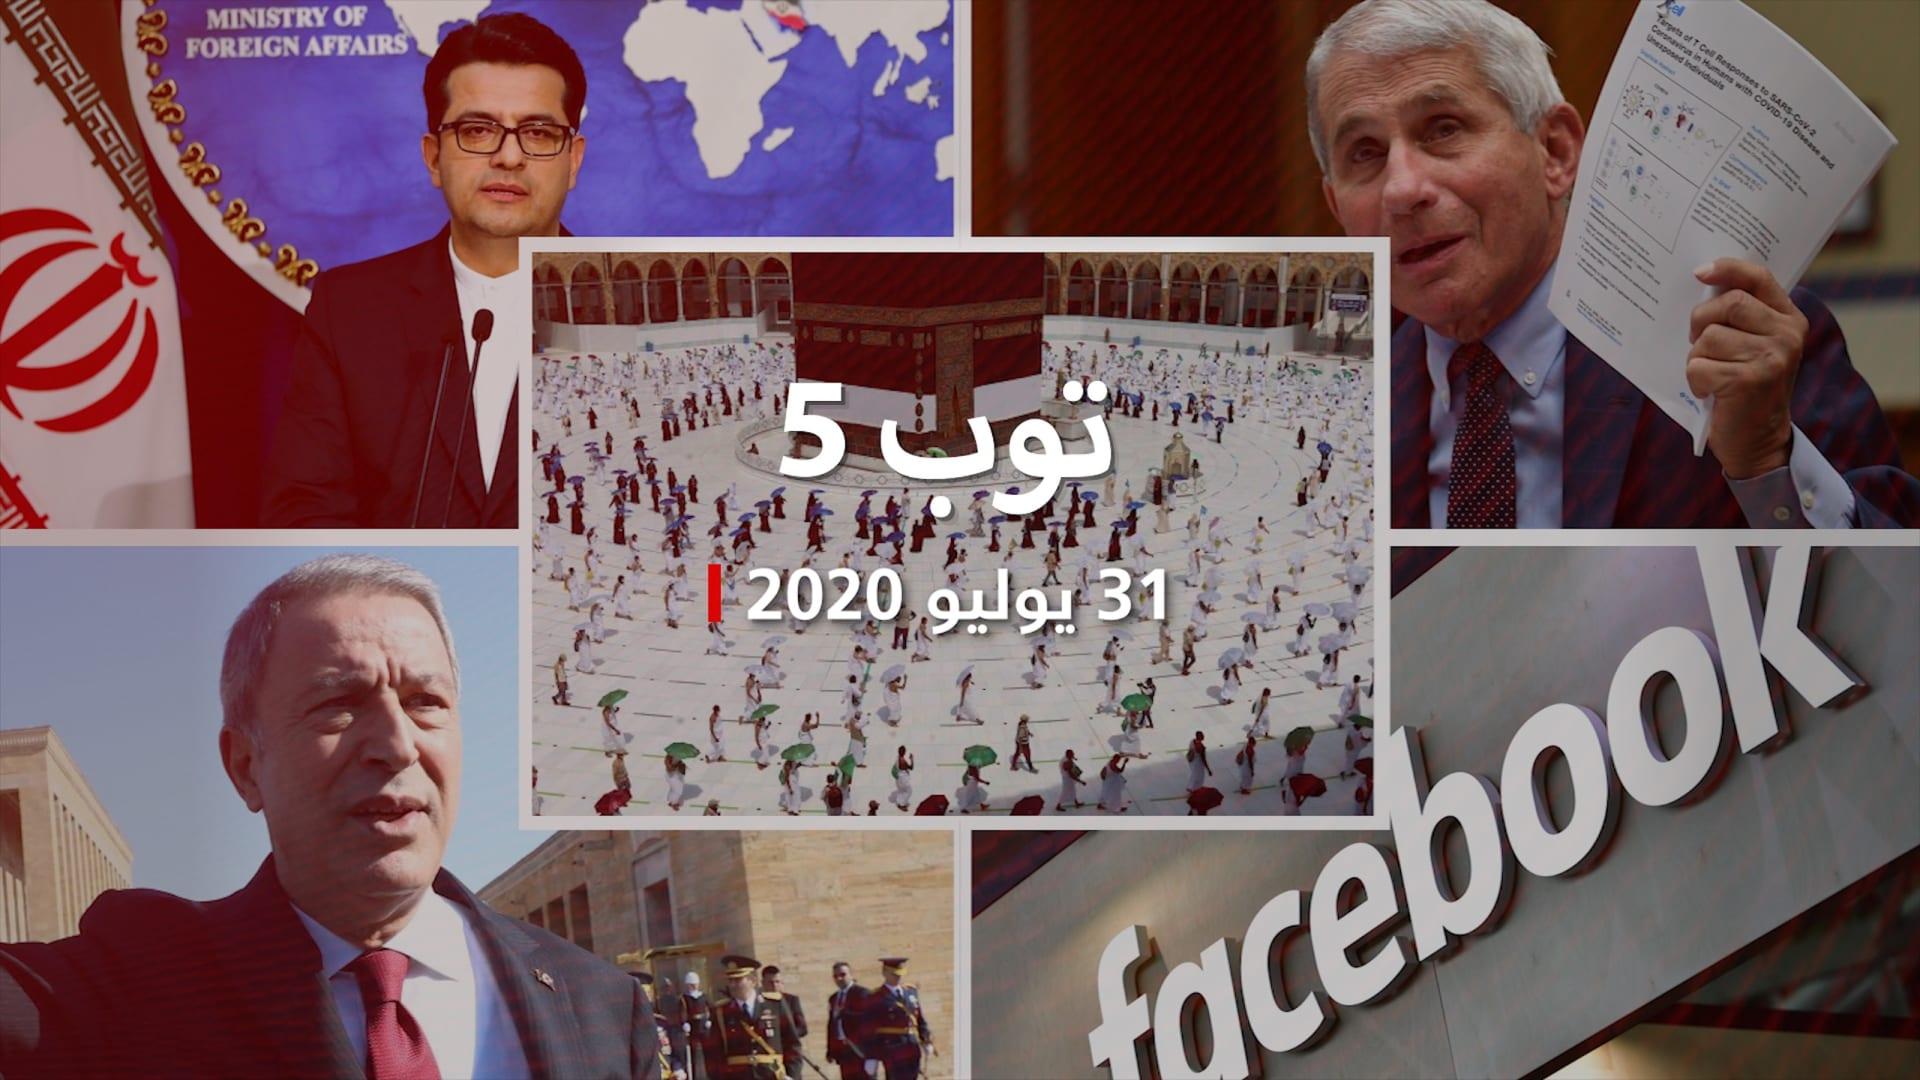 توب 5: العالم الإسلامي يحتفل بعيد الأضحى.. ولقاح كوورنا يمكن توفيره نهاية العام